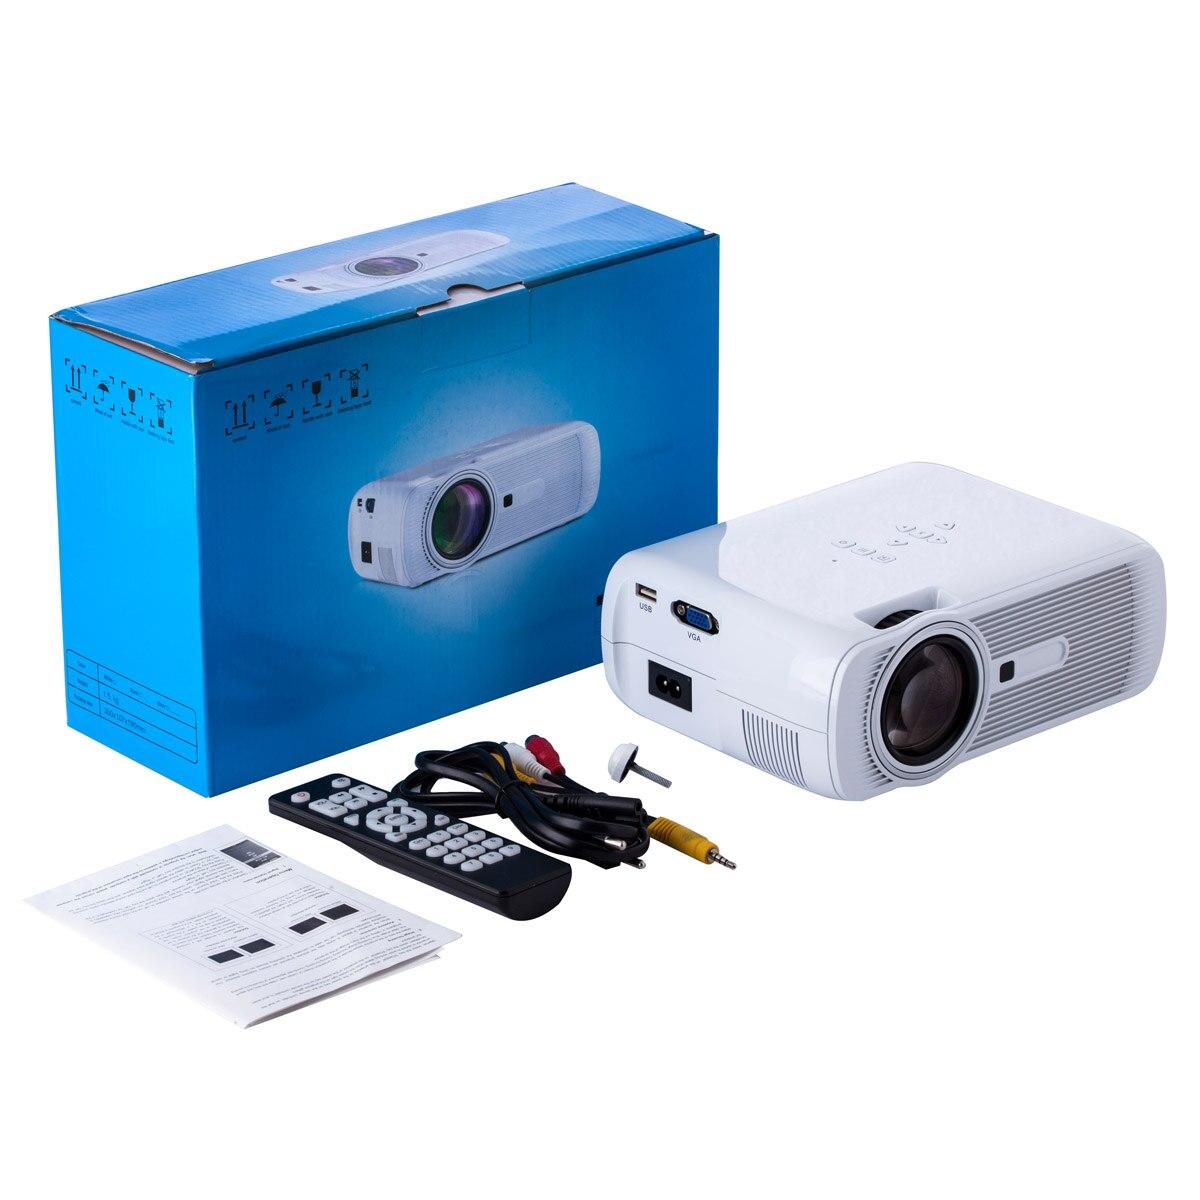 Multimedia 4K 1080P WiFi Android Bluetooth 3D HA CONDOTTO il Proiettore Home Cinema Supporta Orizzontale e Verticale di Vibrazione di Alta Qualità